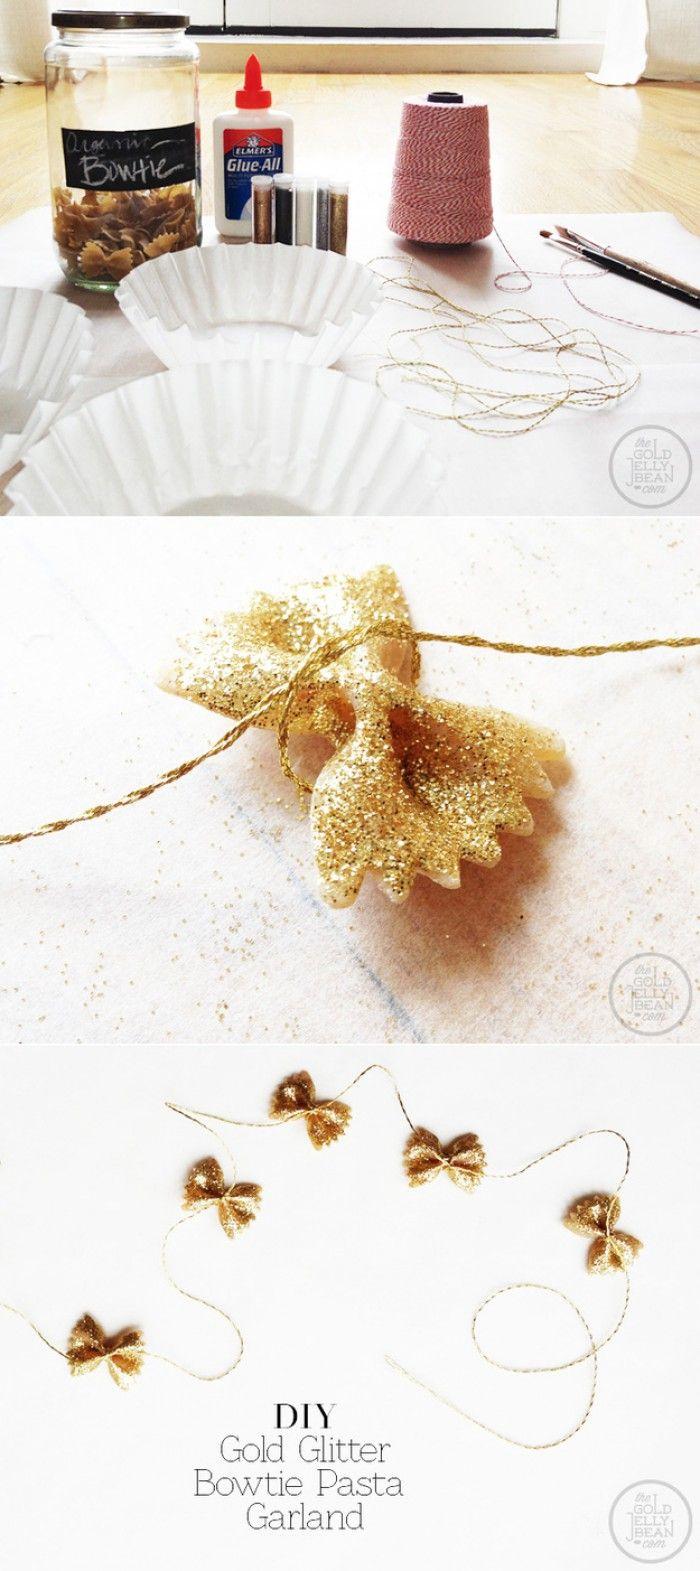 Maak een feestelijke guirlande van vlinder-macaroni smeer of spuit er iets lijm op en bestrooi met glitter in zilver of goud. Neem een lang koord en leg om ieder strikje een knoopje totdat je een lange slinger hebt voor in de kerstboom of als tafeldecoratie.